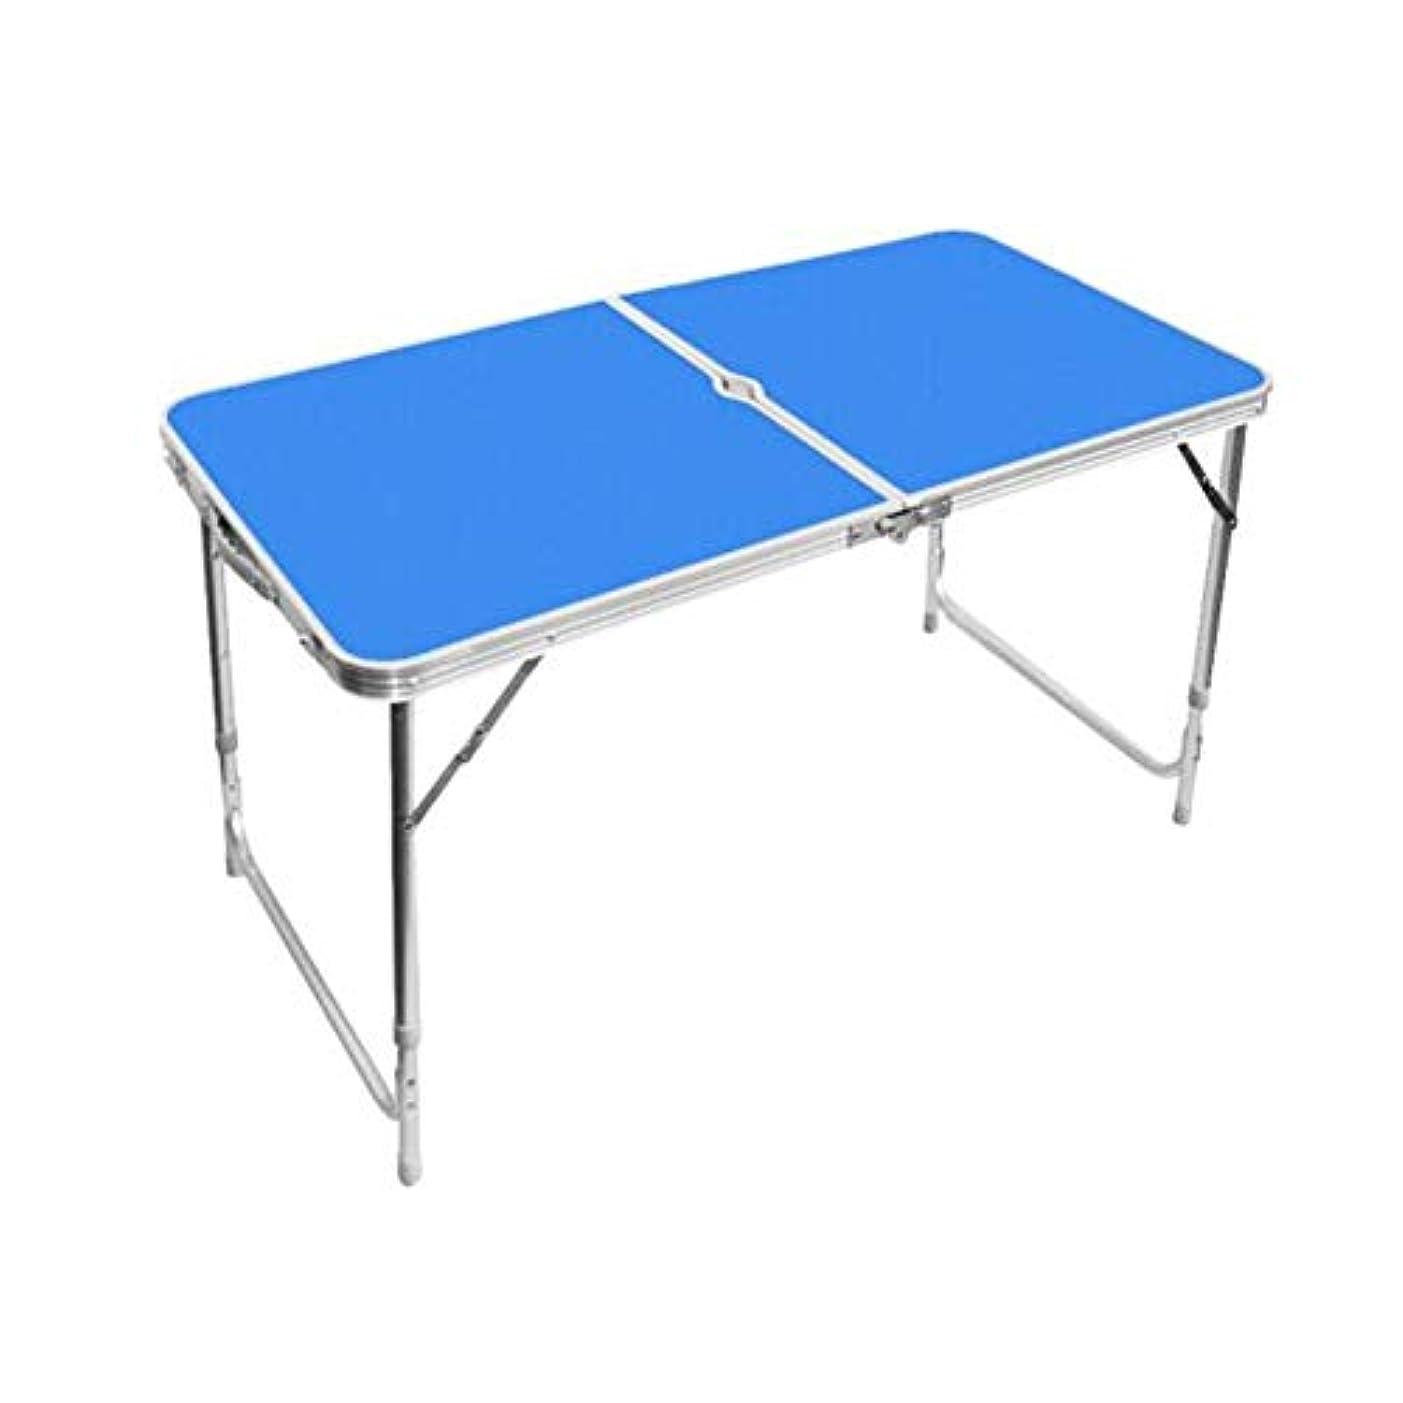 汚染カストディアン前者CJC テーブルスツールセット、折りたたみキャンプポータブル調整高さ、アルミMDFガーデンパーティーピクニックバーベキュー (色 : 1 folding table)